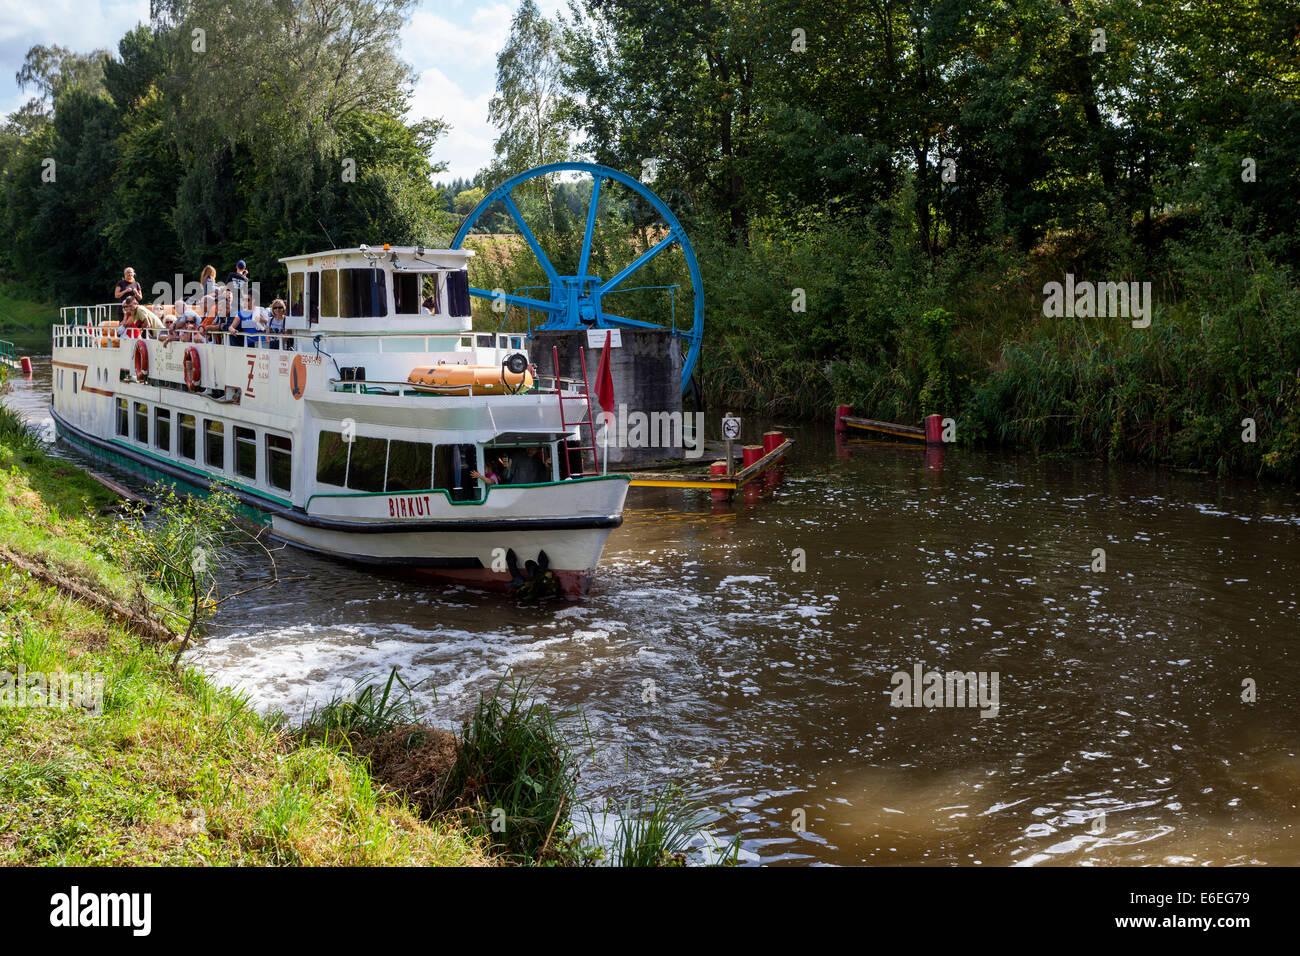 Tourist ship at Elblaski Canal near Elblag Poland - Stock Image